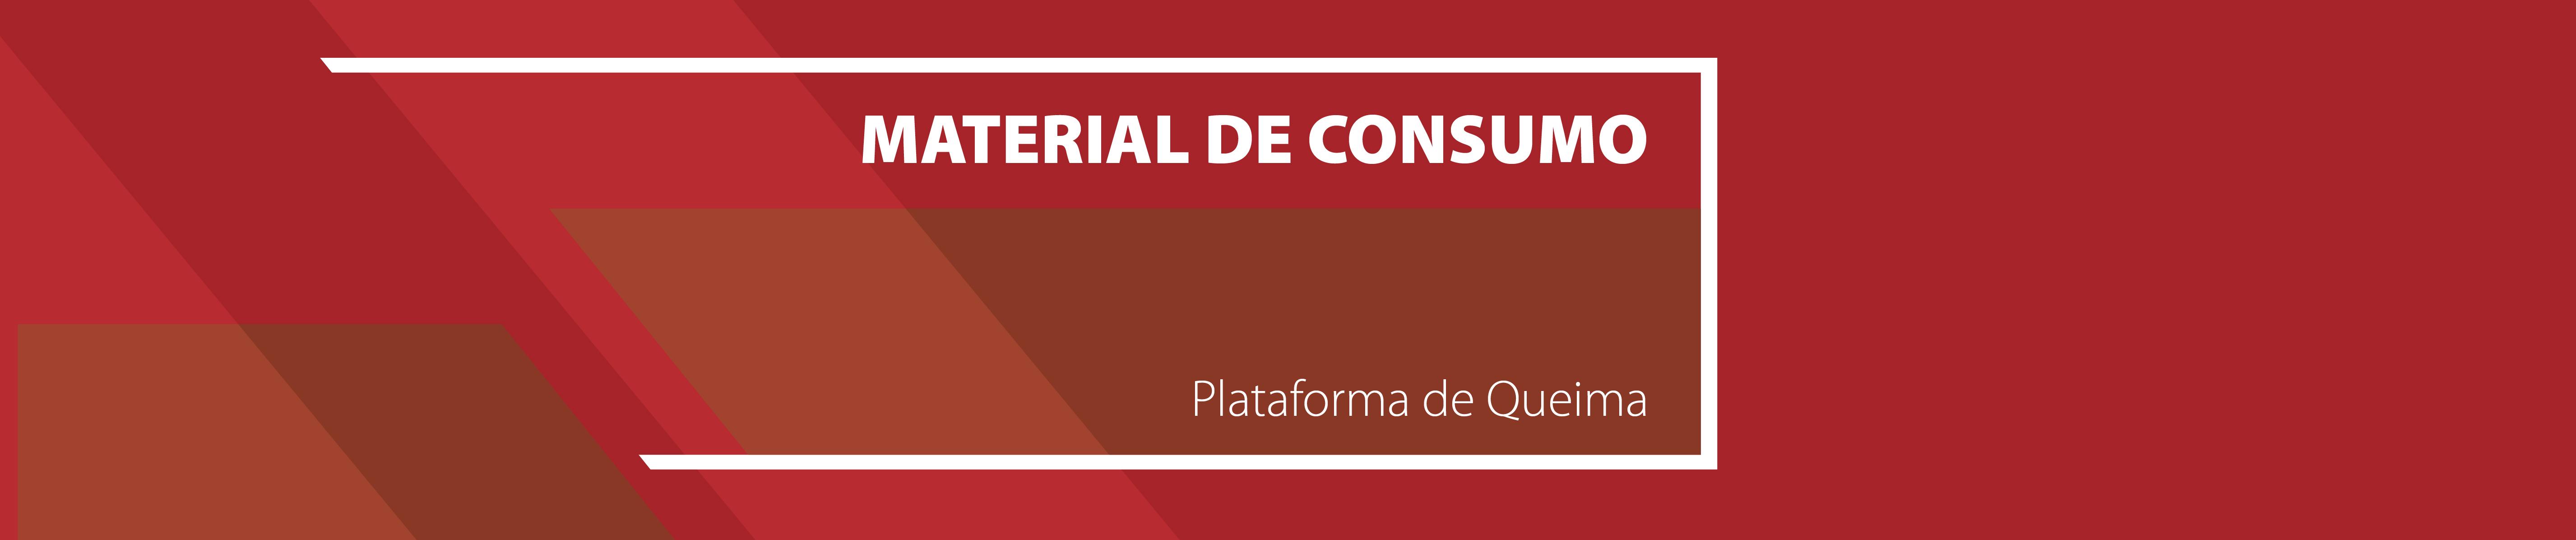 Plataforma de Queima